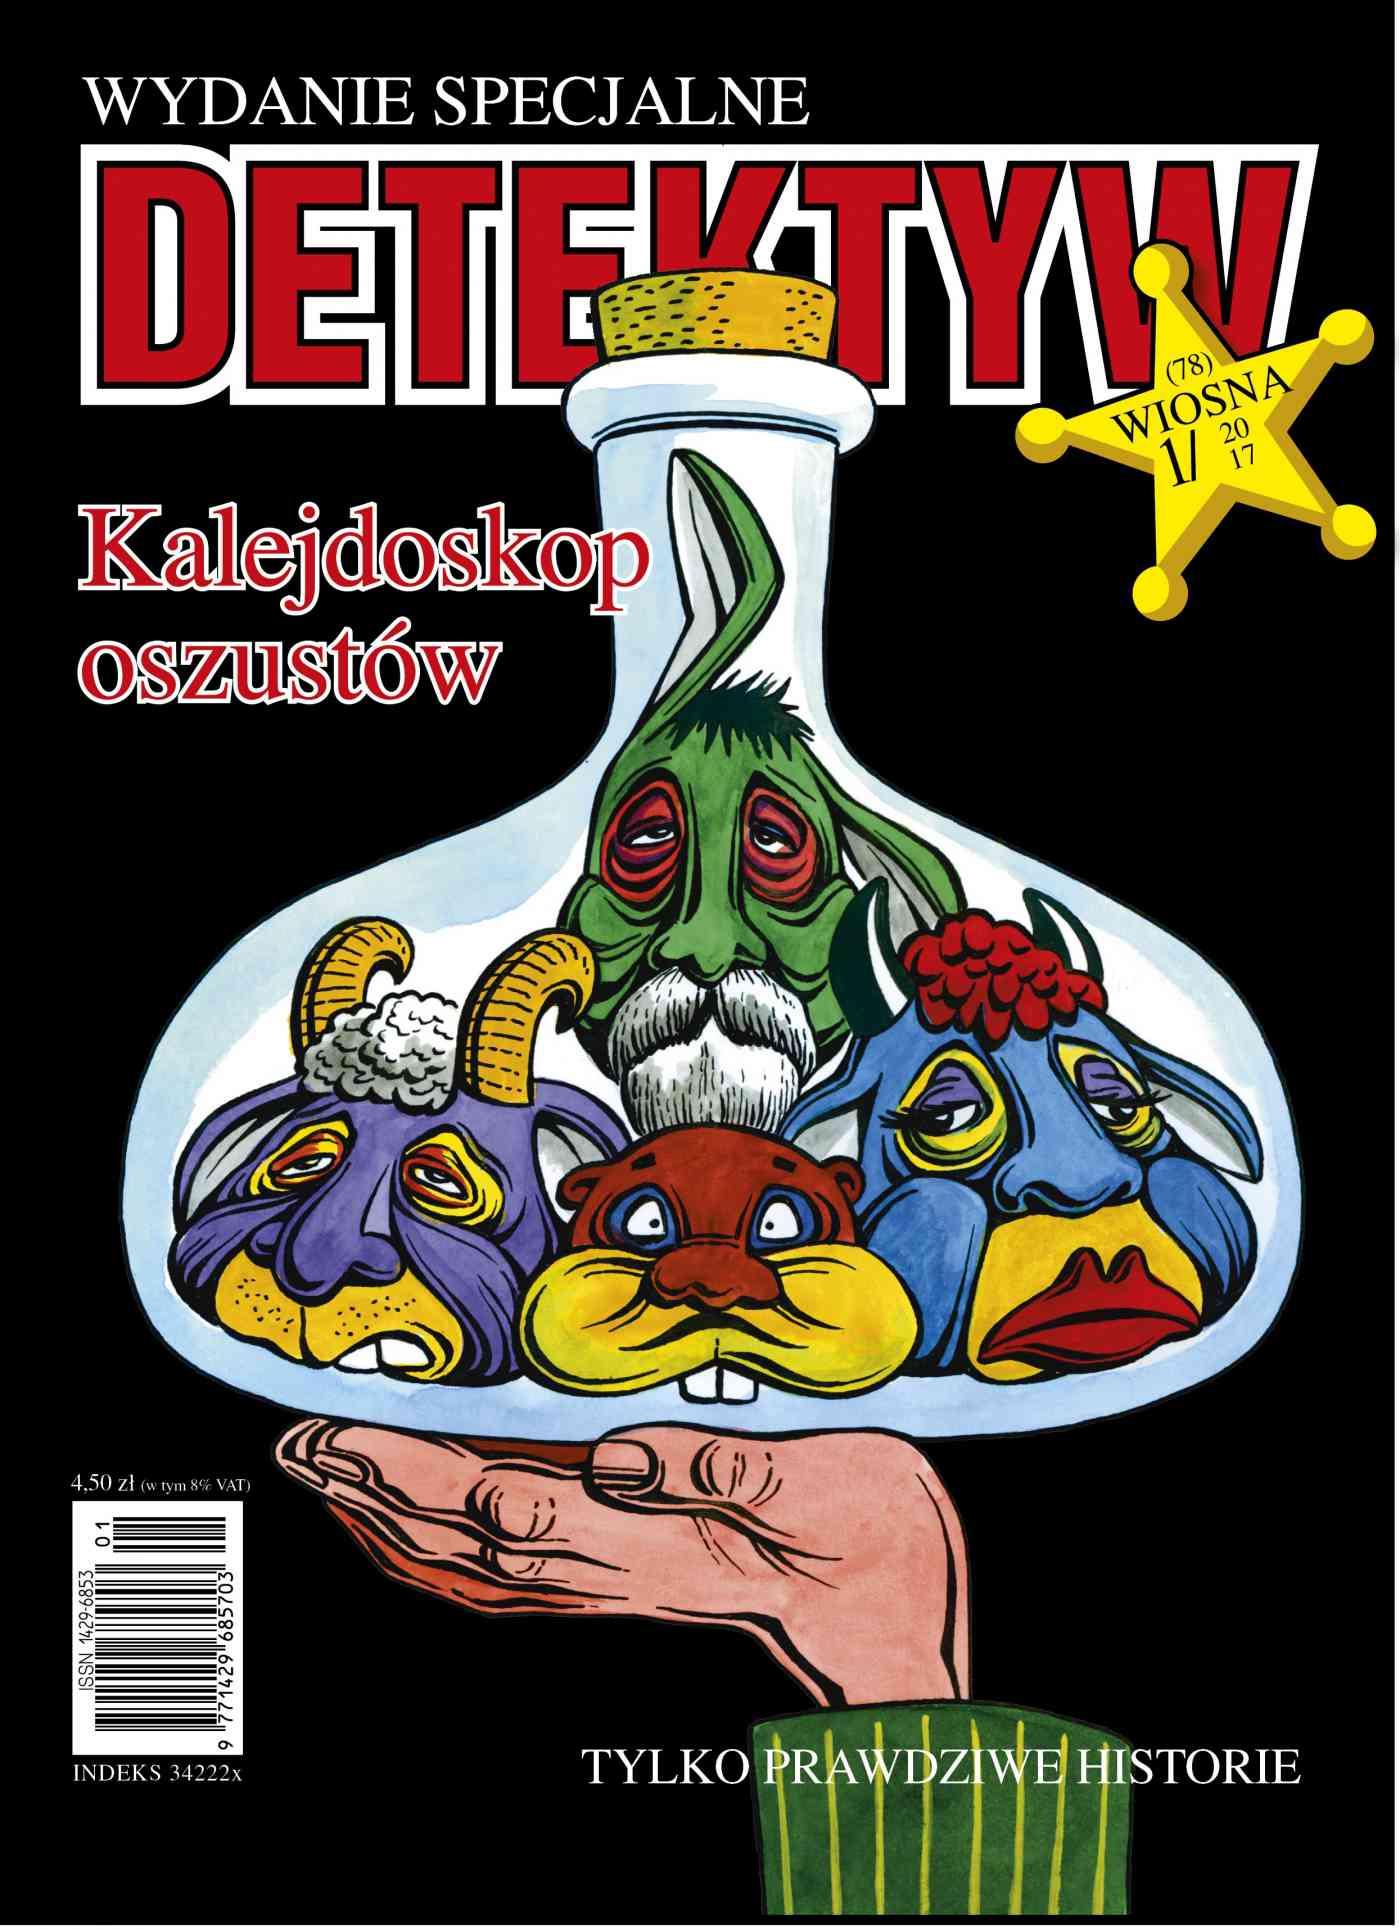 Detektyw - Wydanie Specjalne 1/2017 - Ebook (Książka PDF) do pobrania w formacie PDF